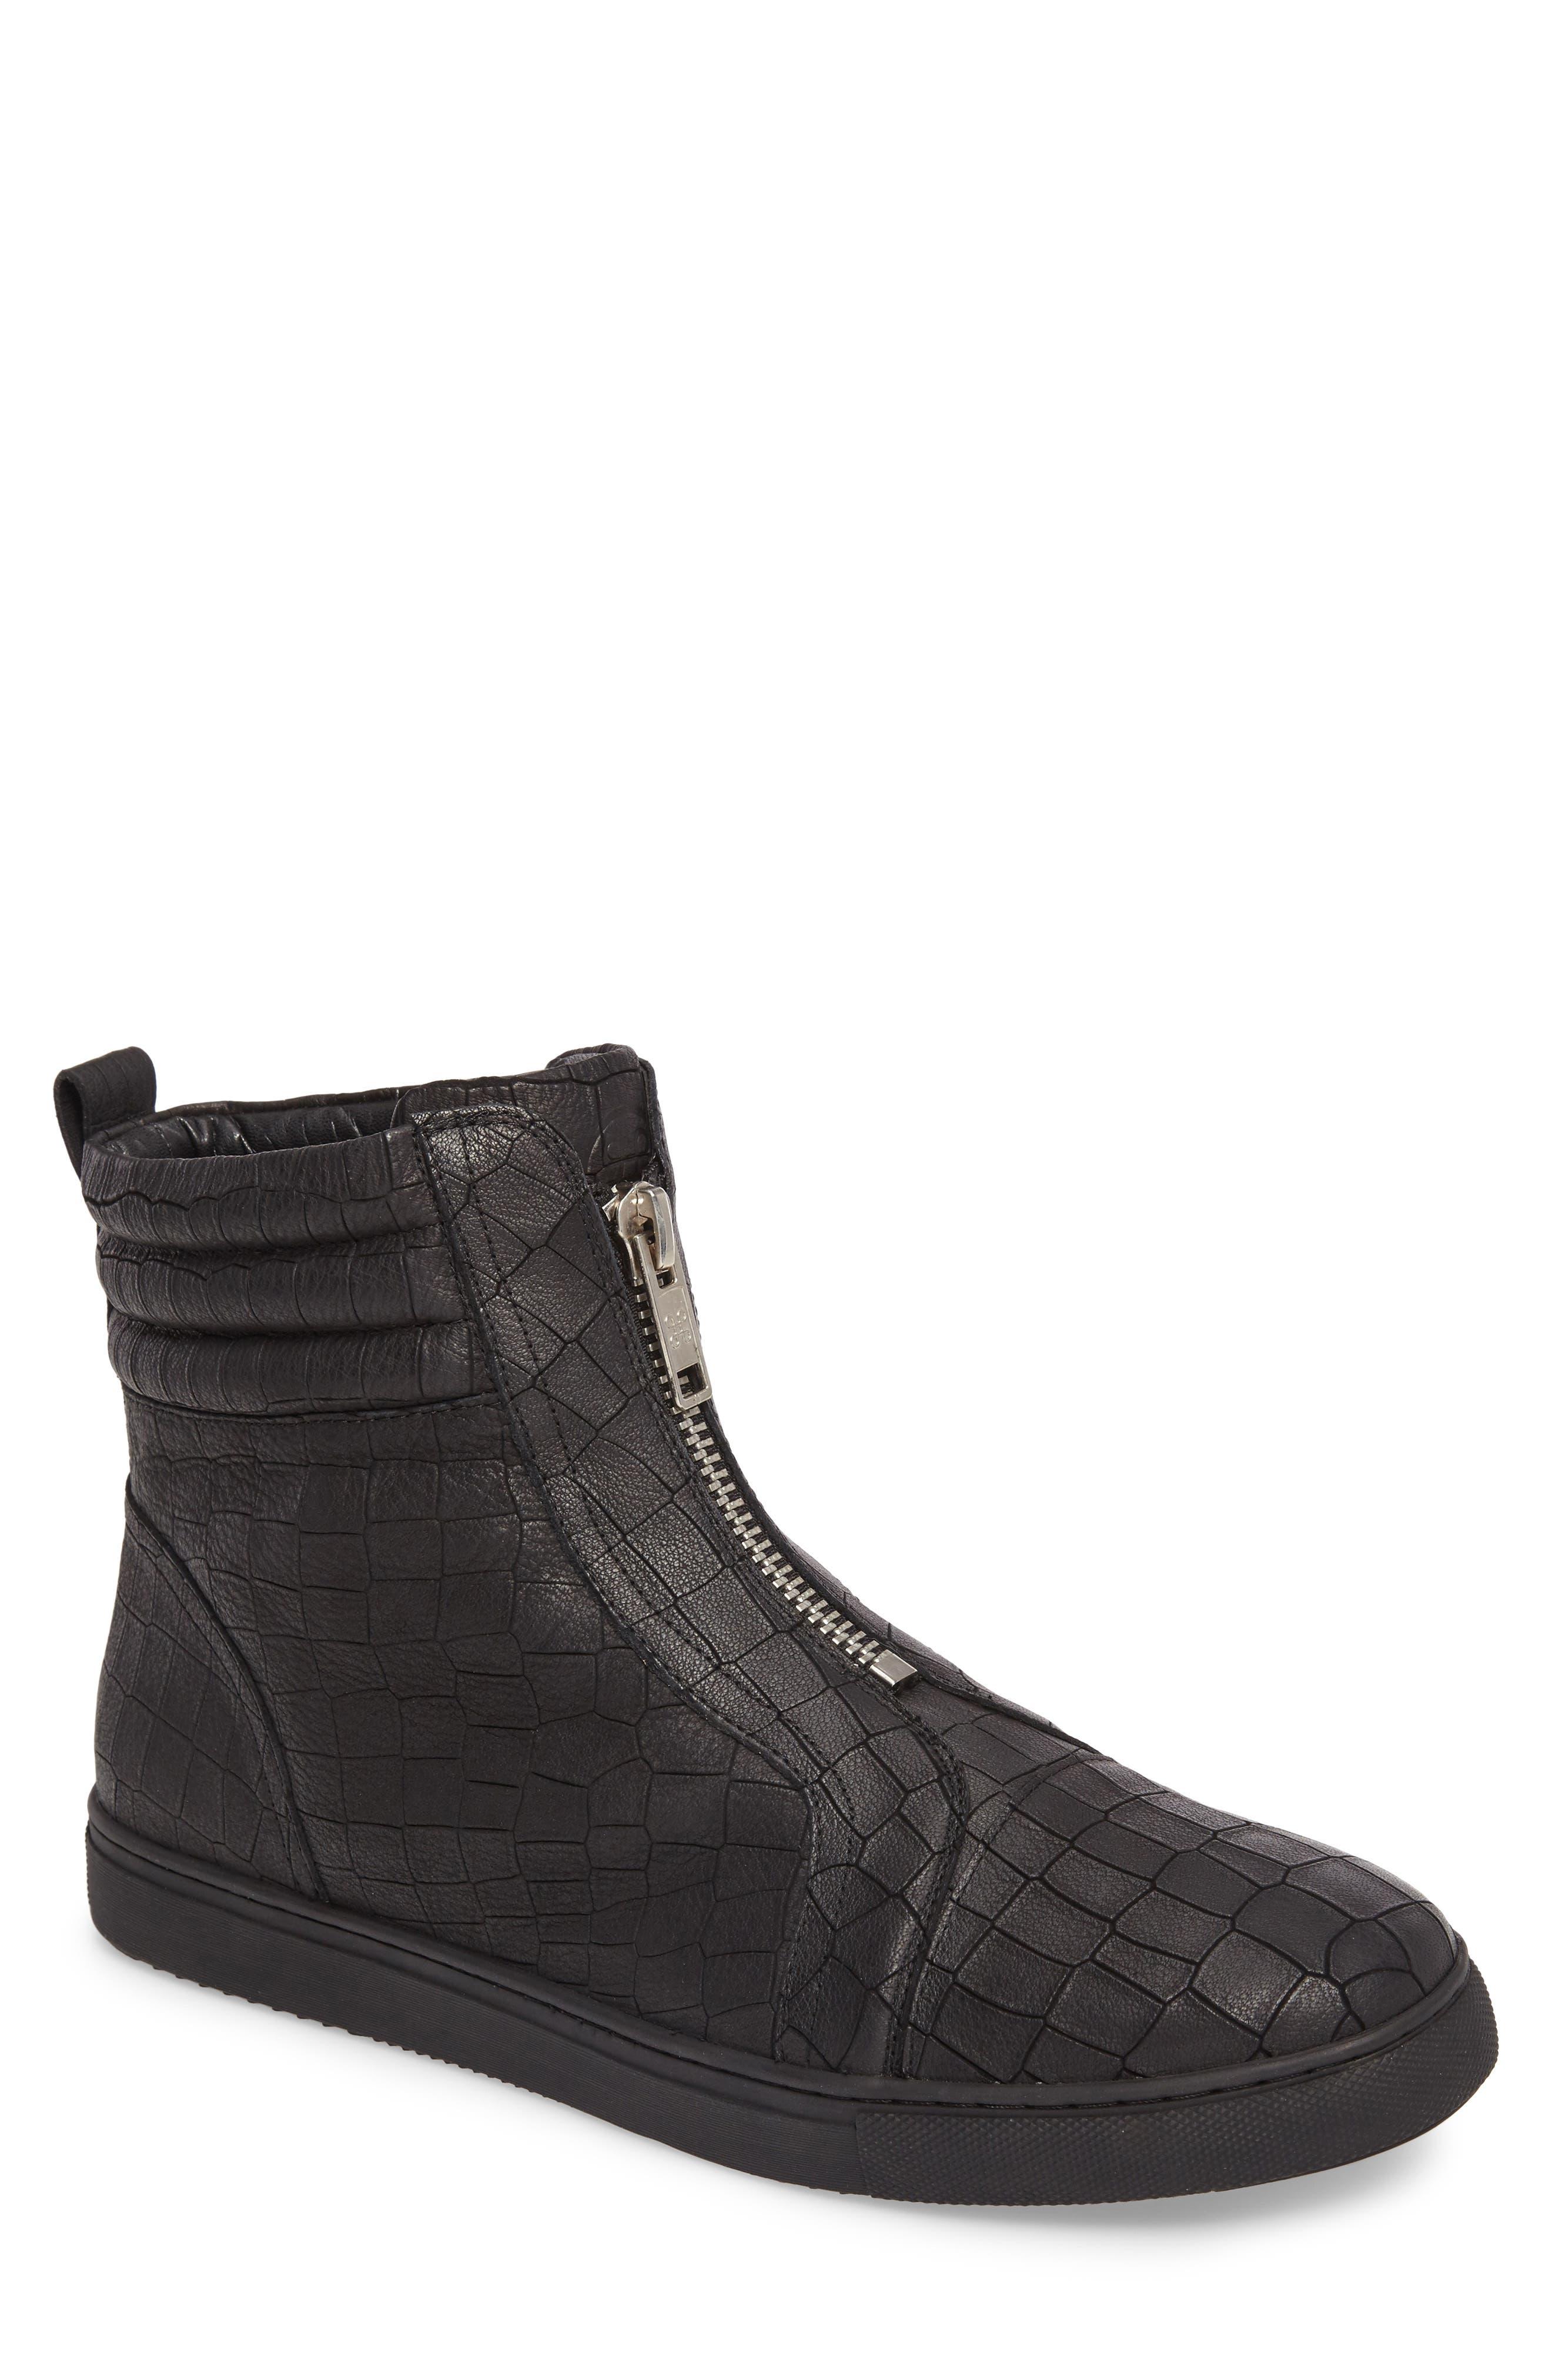 Hip & Bone Zip Boot,                             Main thumbnail 1, color,                             Black Croc Leather